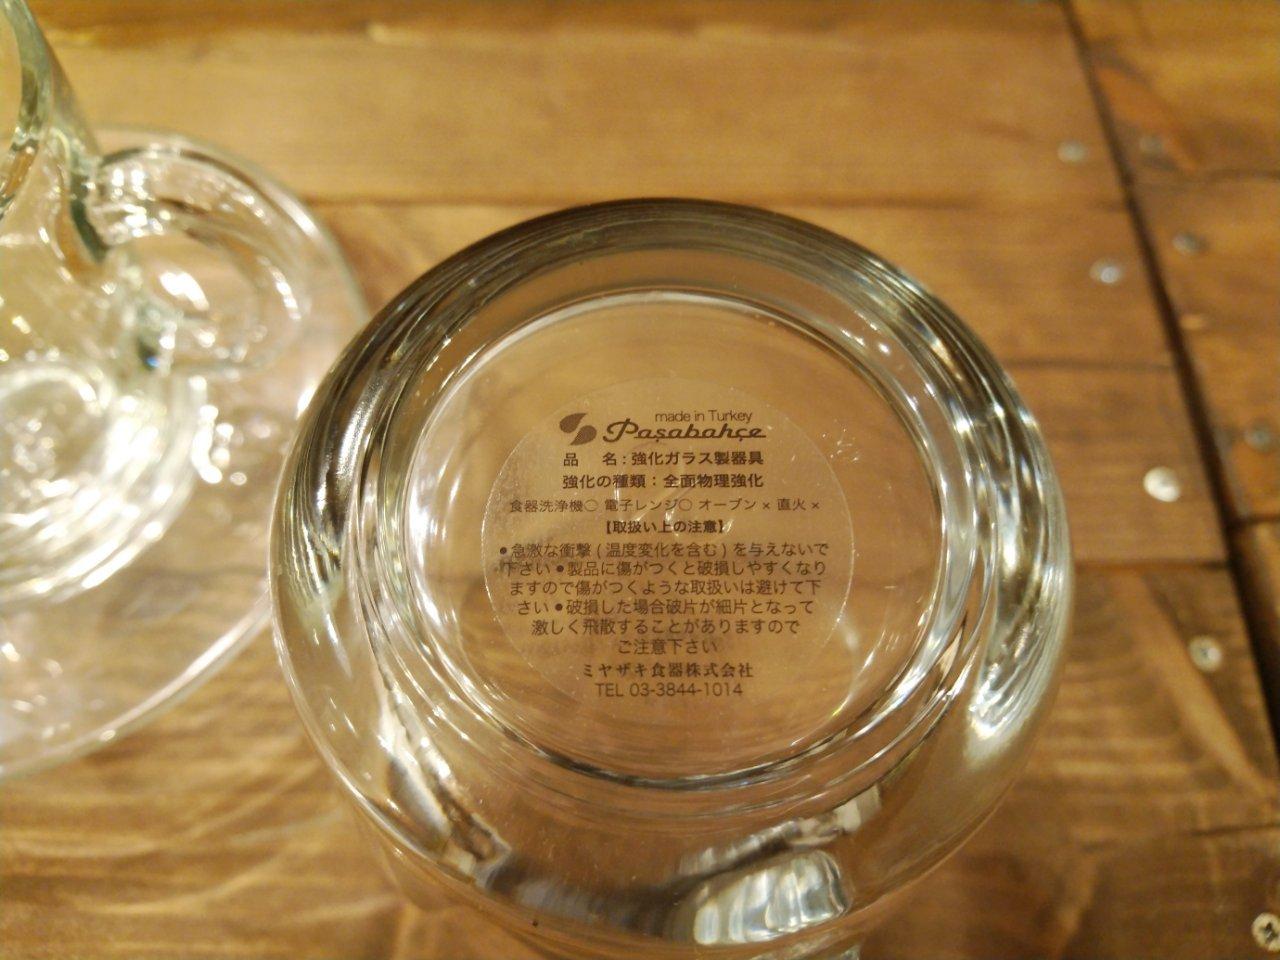 こんな耐熱ガラスカップを探してた_f0255704_22104417.jpg